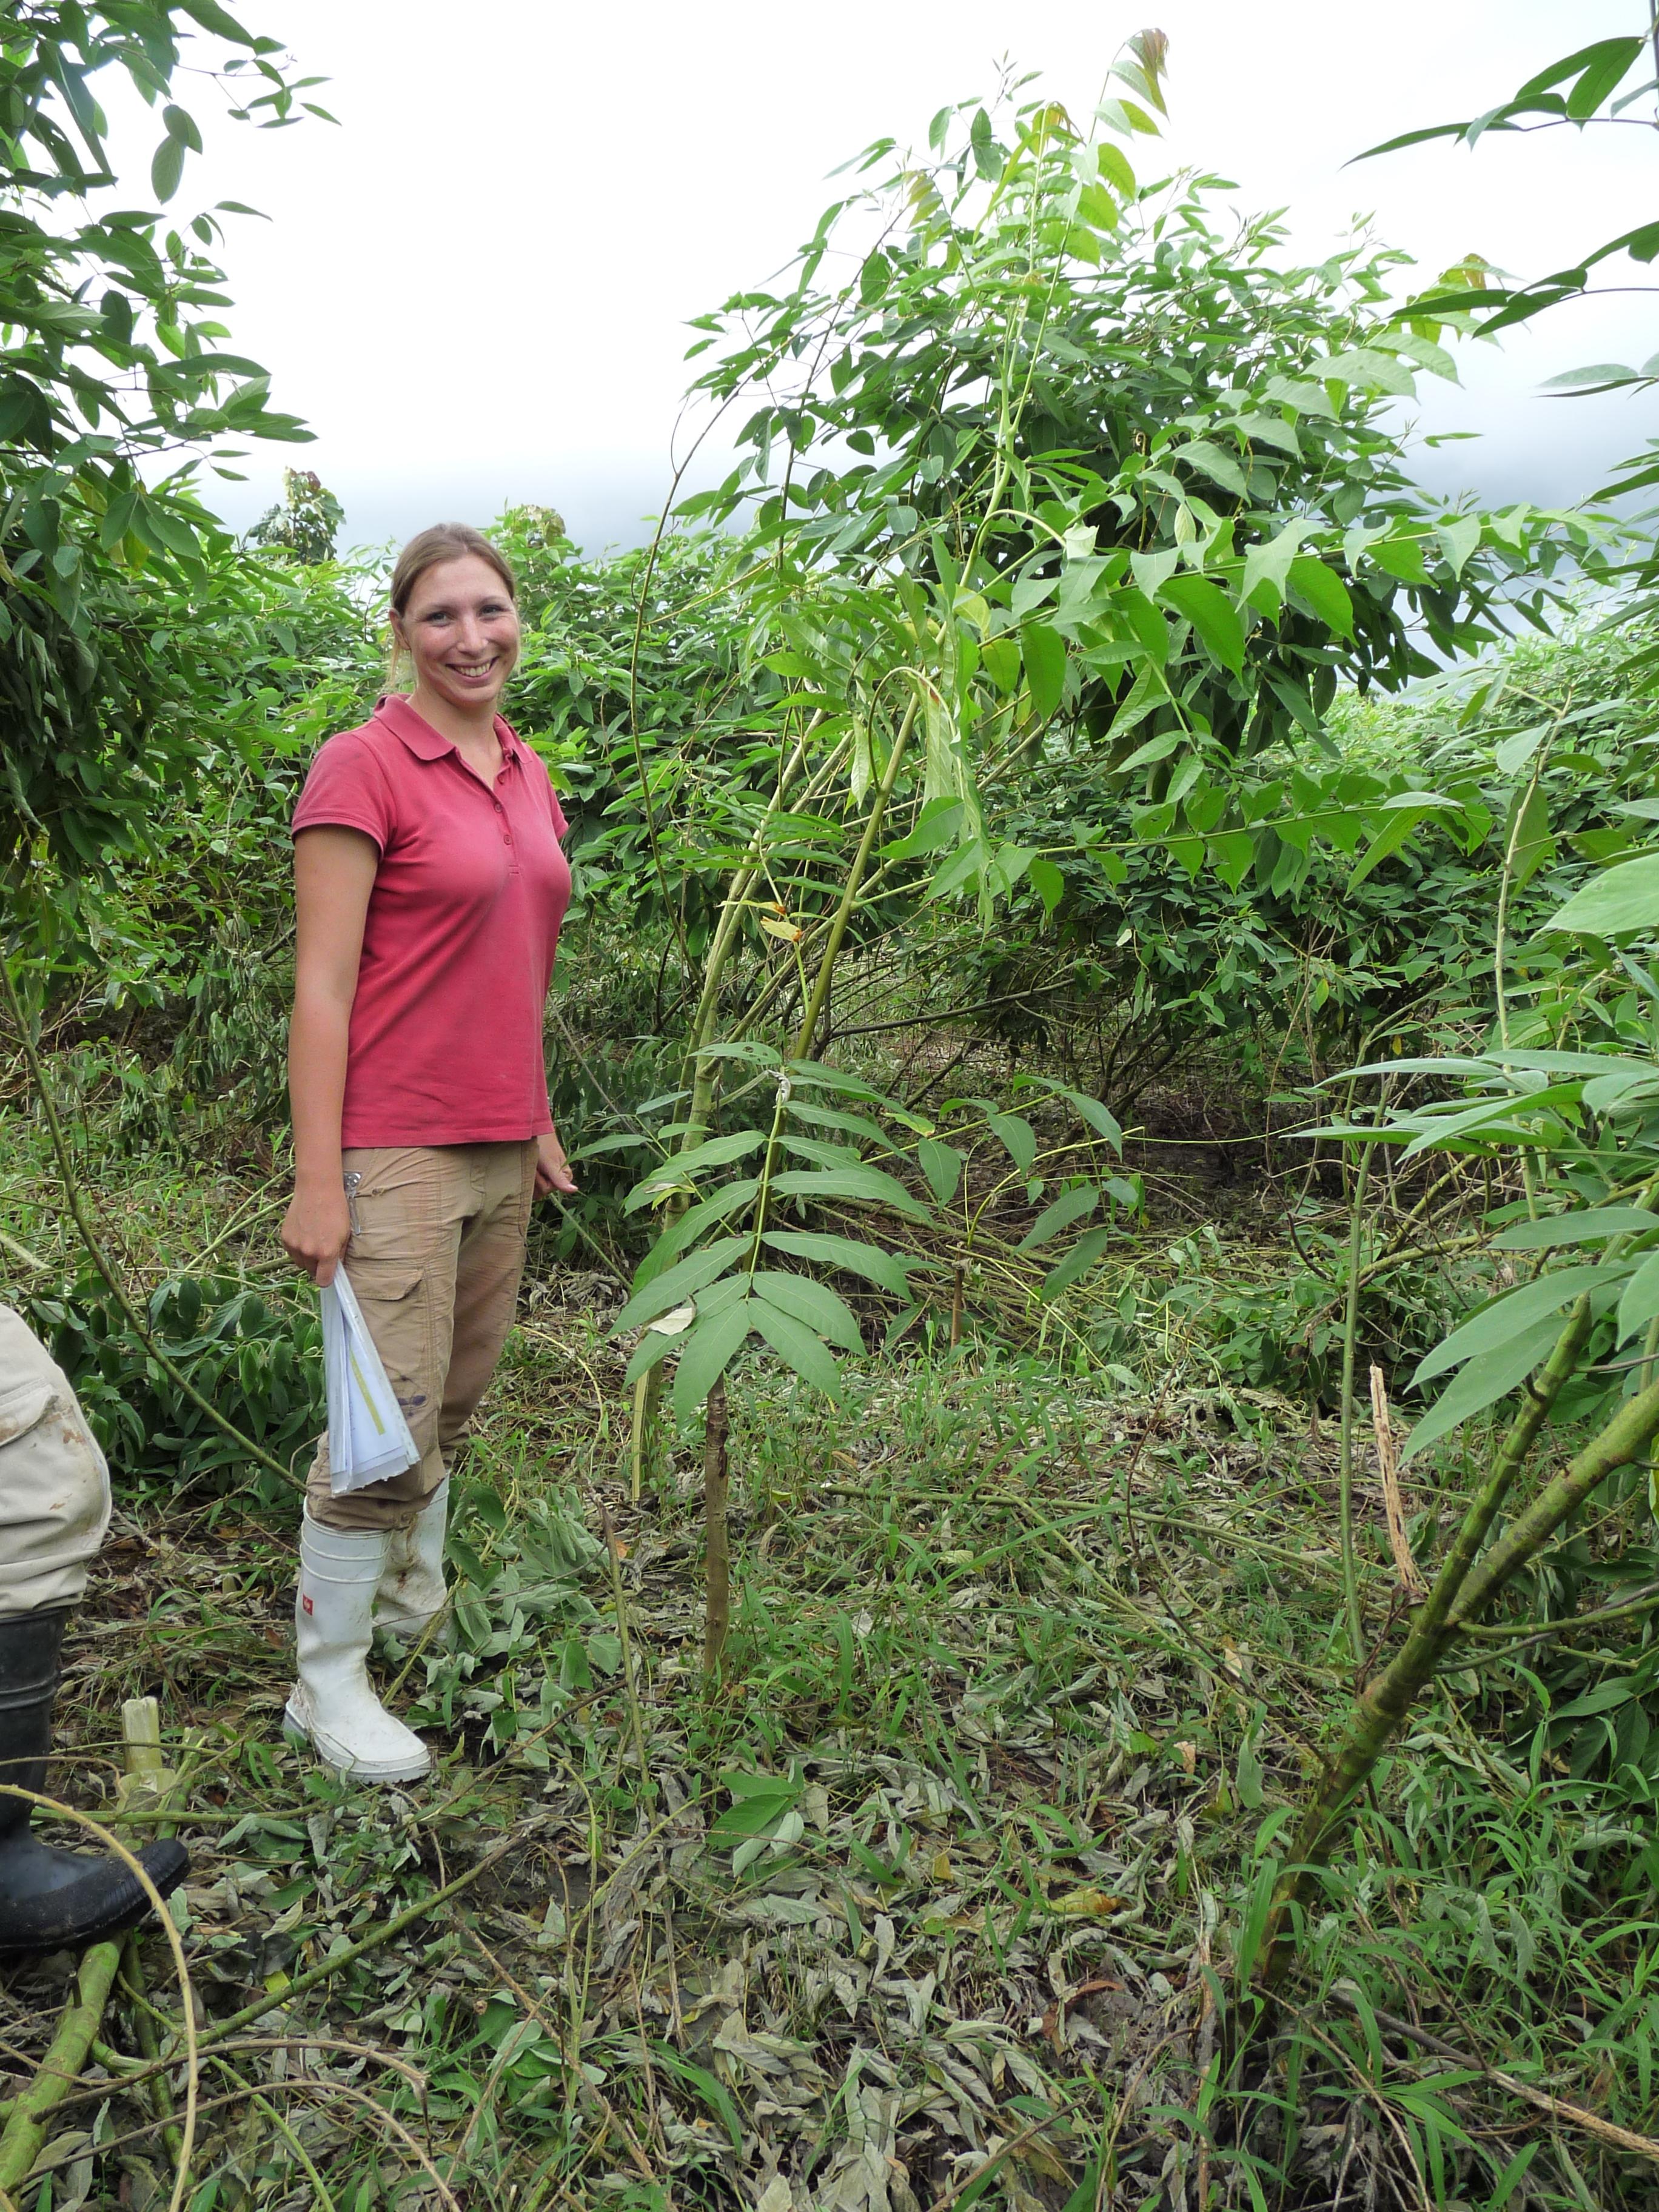 Die Forstwissenschaftlerin 2010 auf der ForestFinance-Finca Playa Chuzo, nahe Tortí. Auf dem Bild zu sehen ist – neben der Forscherin – ein junger Mahagonibaum, in dessen Umfeld sie Straucherbsen gepflanzt hat. Mit dem Wachstum der Pflanzen ist Carola Paul offensichtlich zufrieden. Foto: ForestFinance/Silke Berger